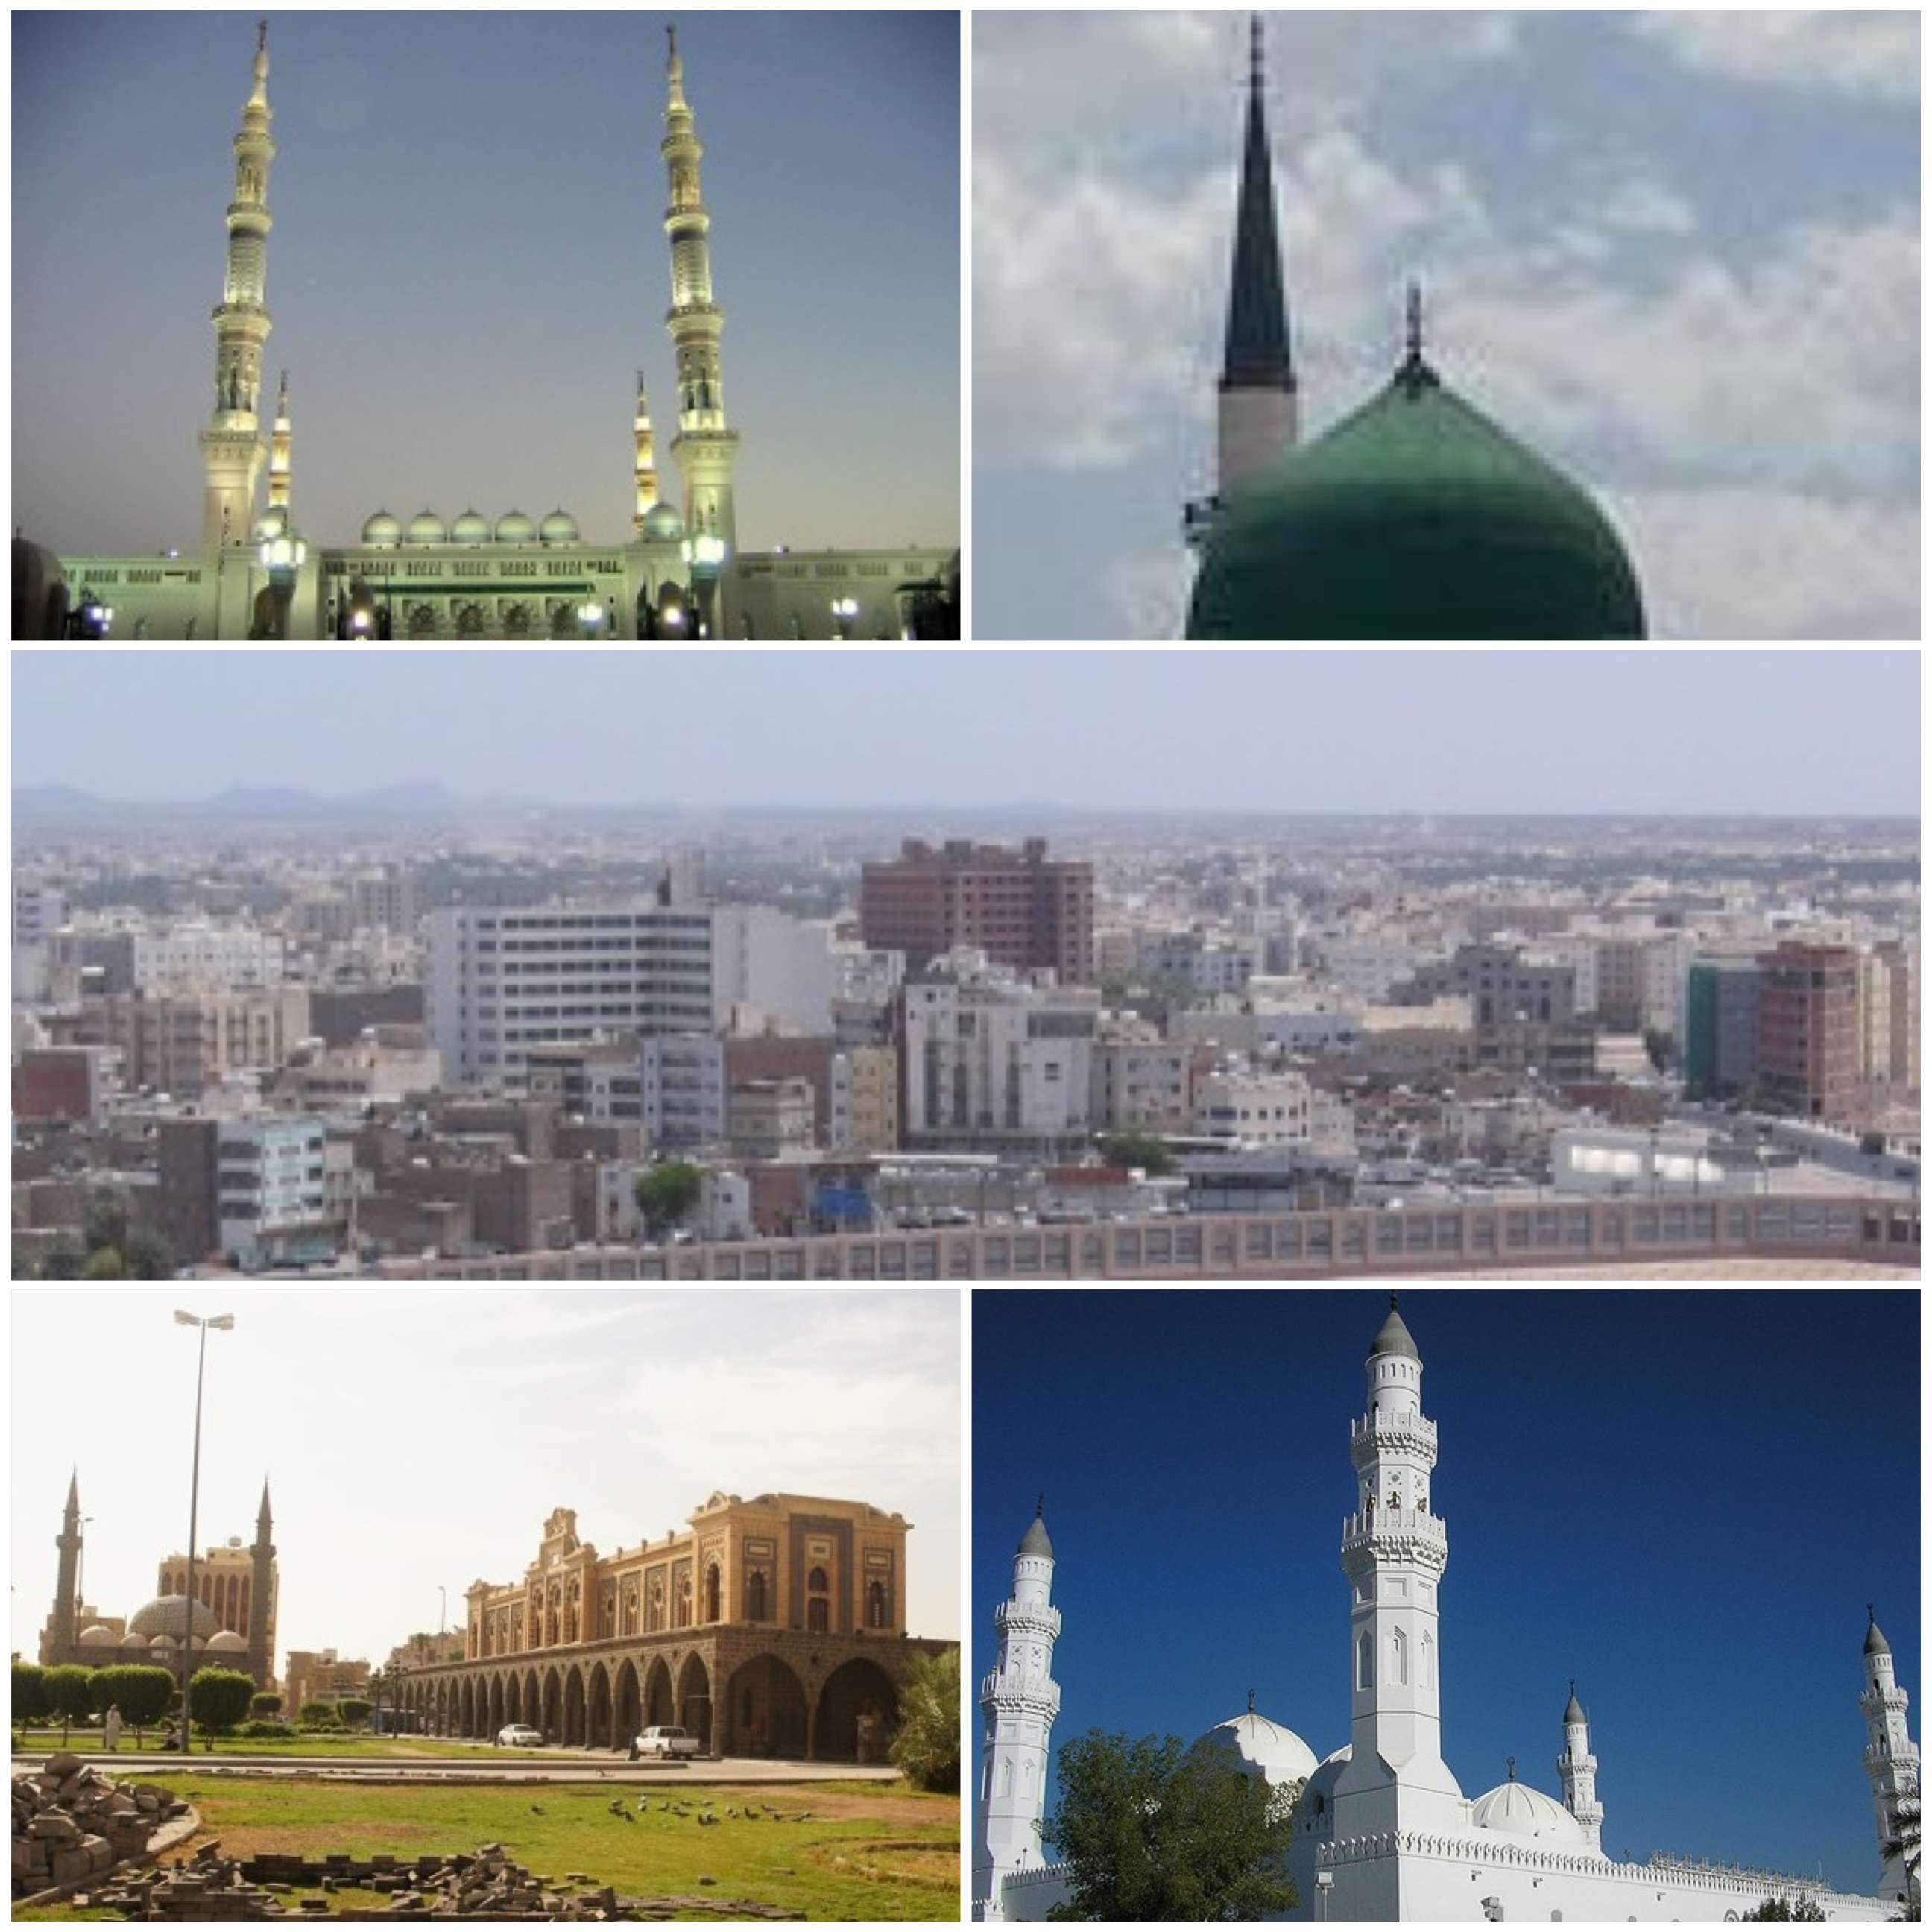 Μεδίνα, η δεύτερη πιο ιερή πόλη του Ισλάμ